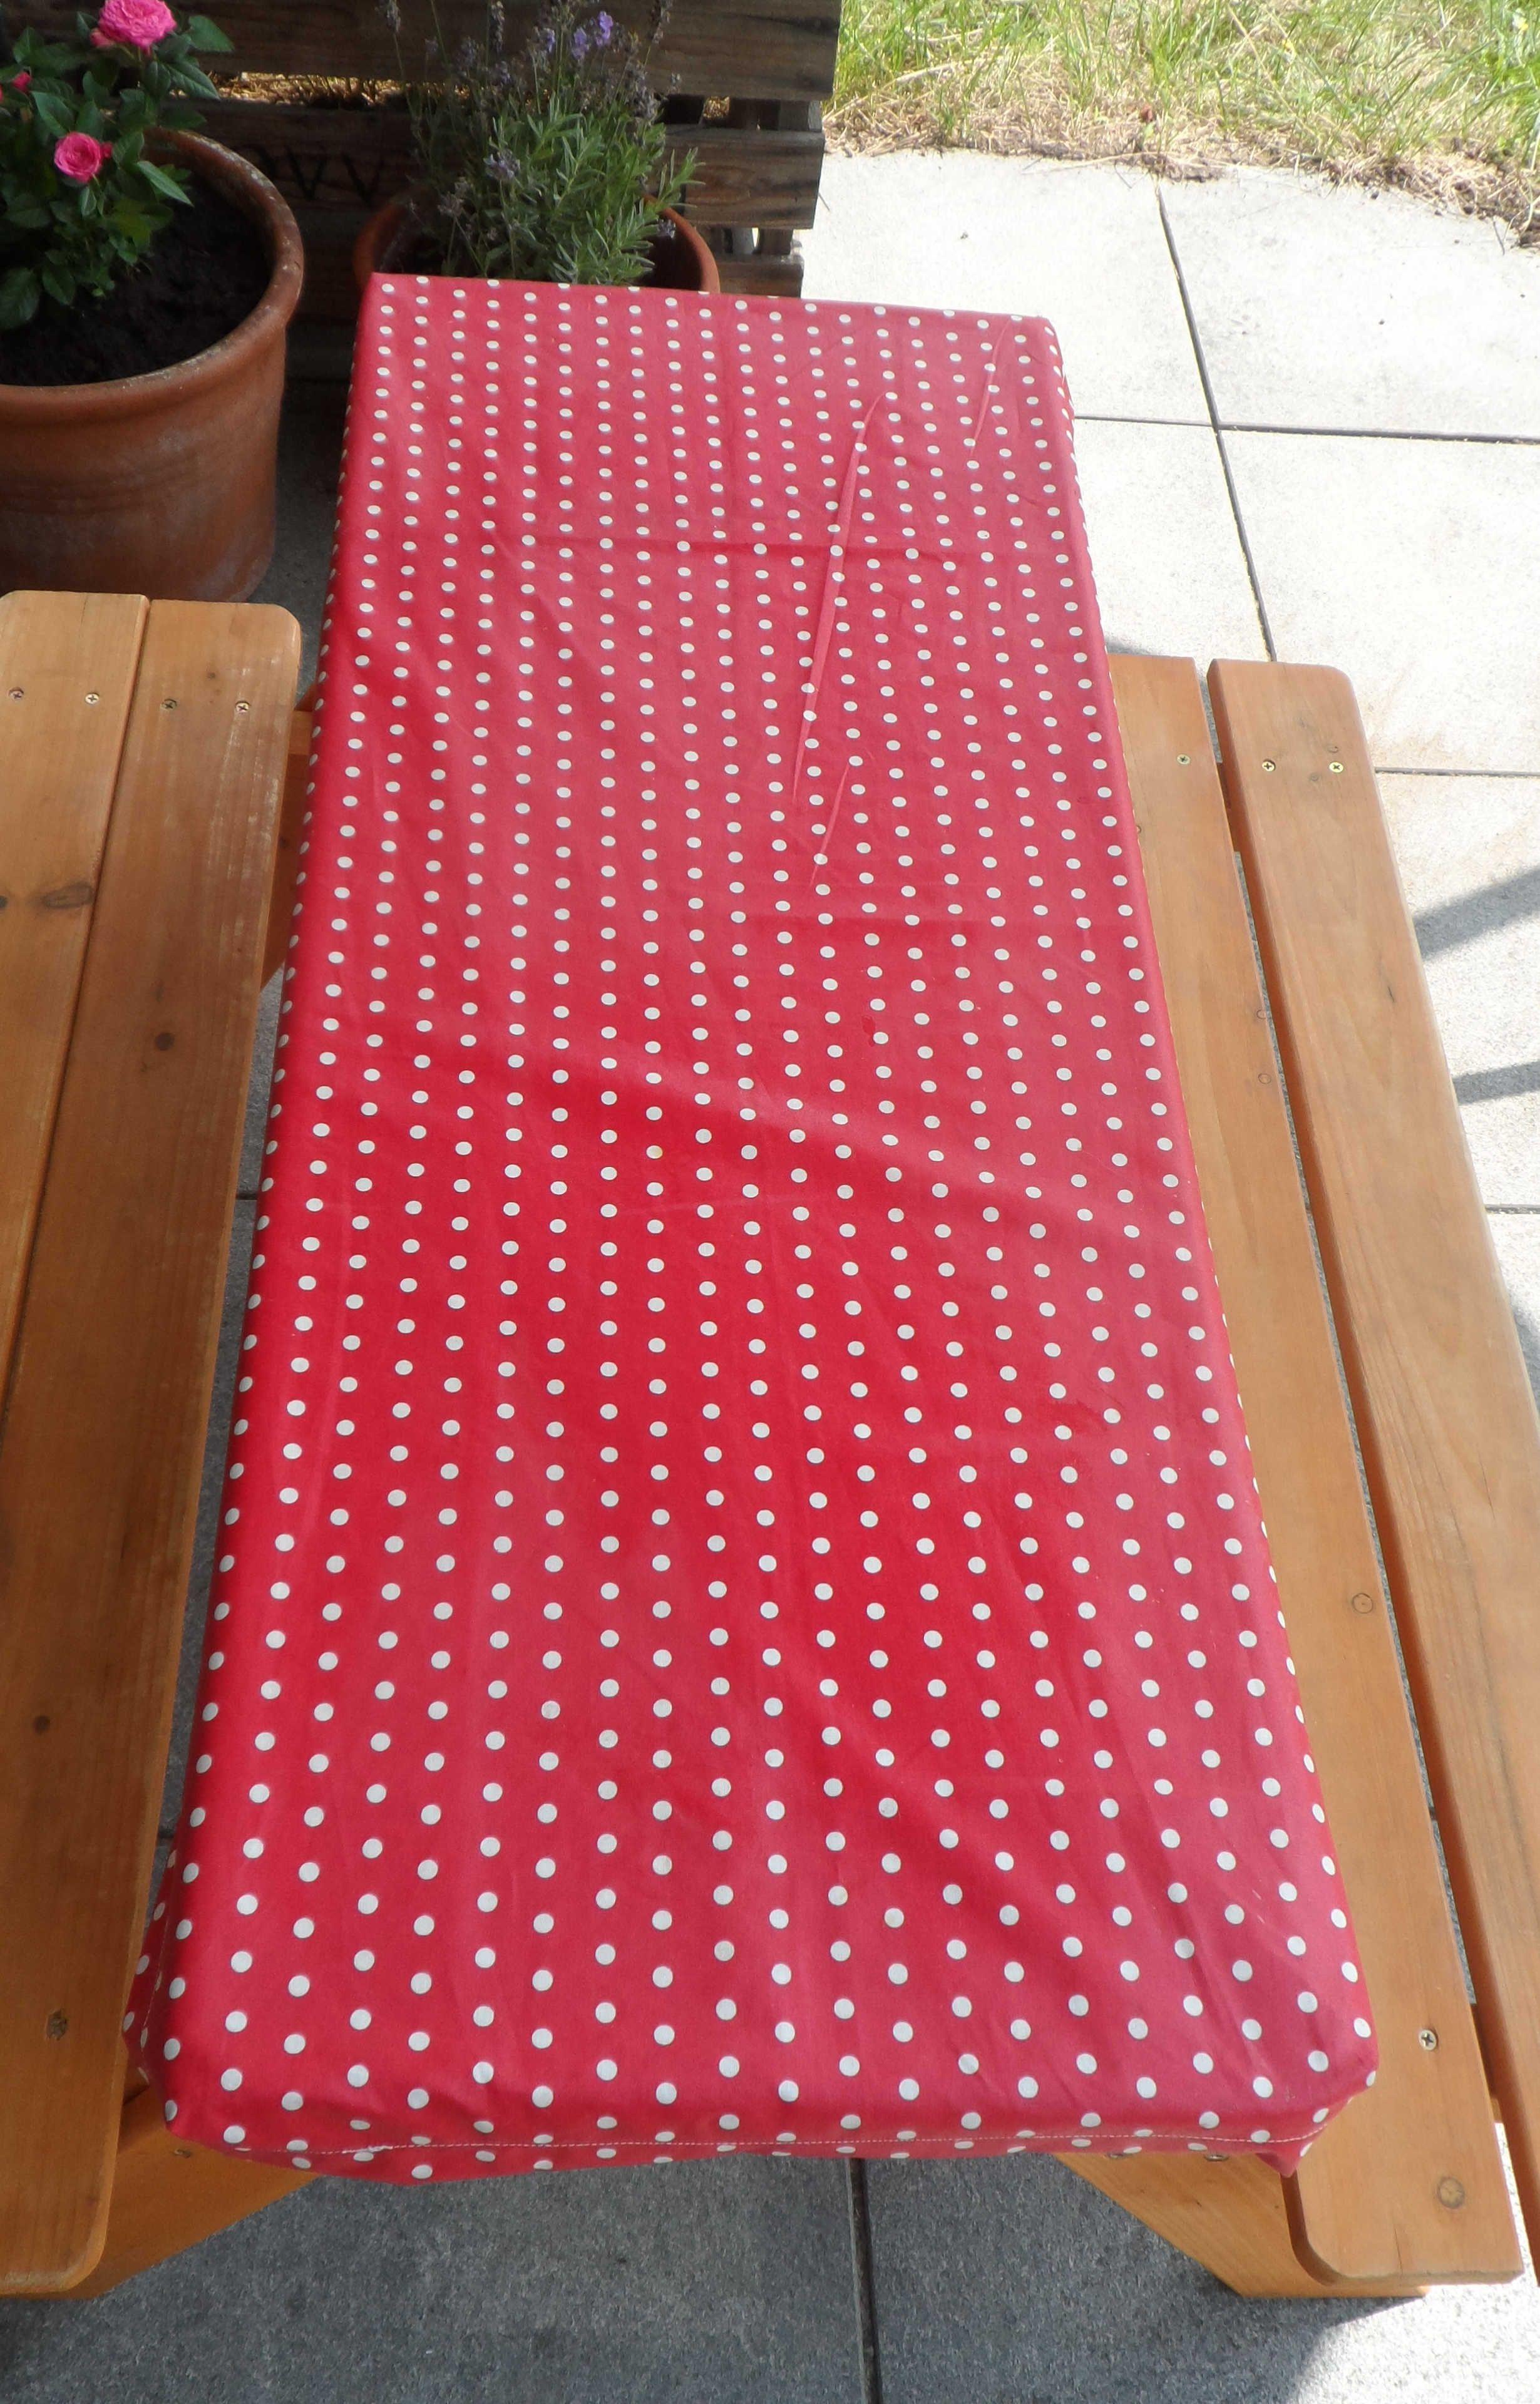 Pin Von Enifur Auf Textil Wachstuch Tischdecke Tischdecke Nahen Tuch